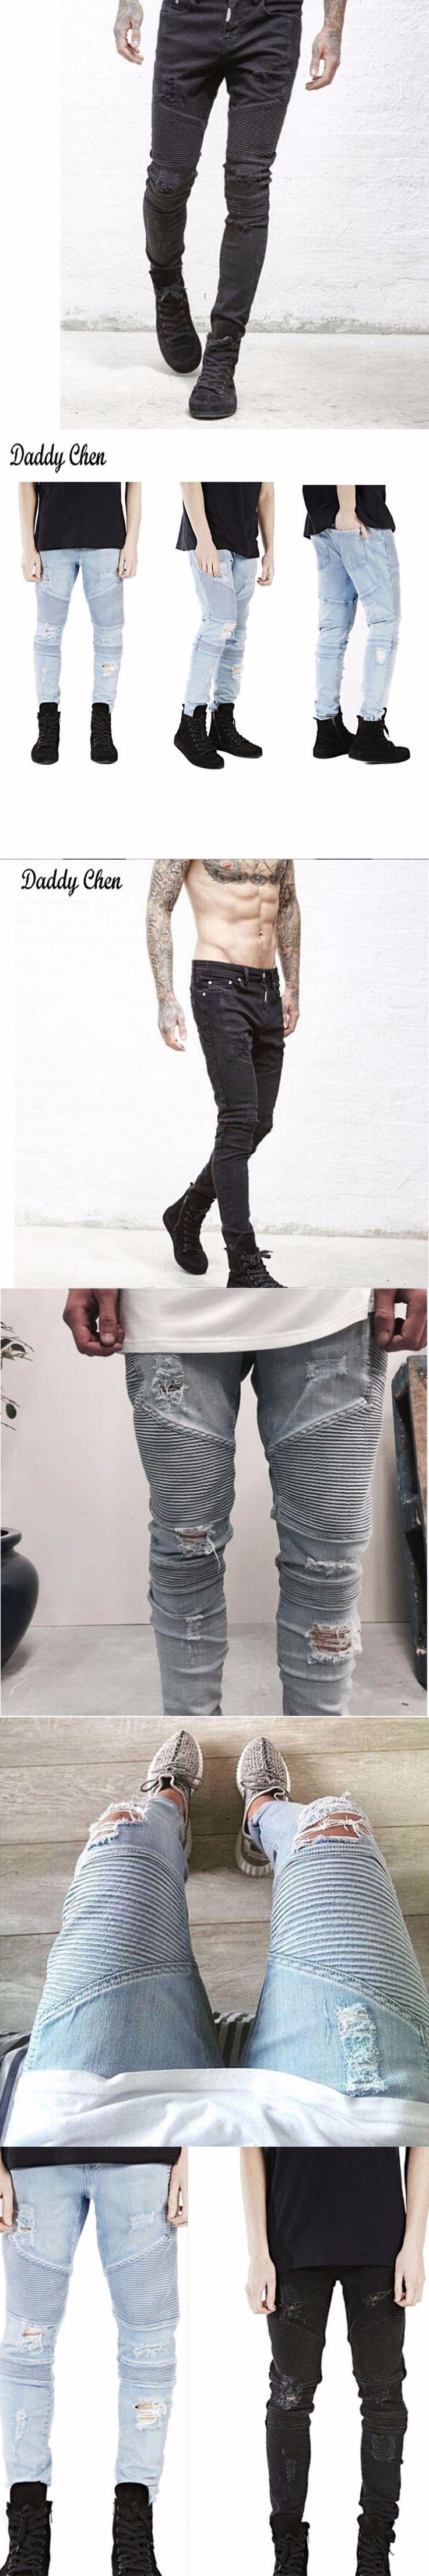 Men Jeans Stretch Ripped Biker Solid Casual Black Pants Winter Denim Hip Hop Streetwear Cargo Jeans Male Skinny Trouser 2017